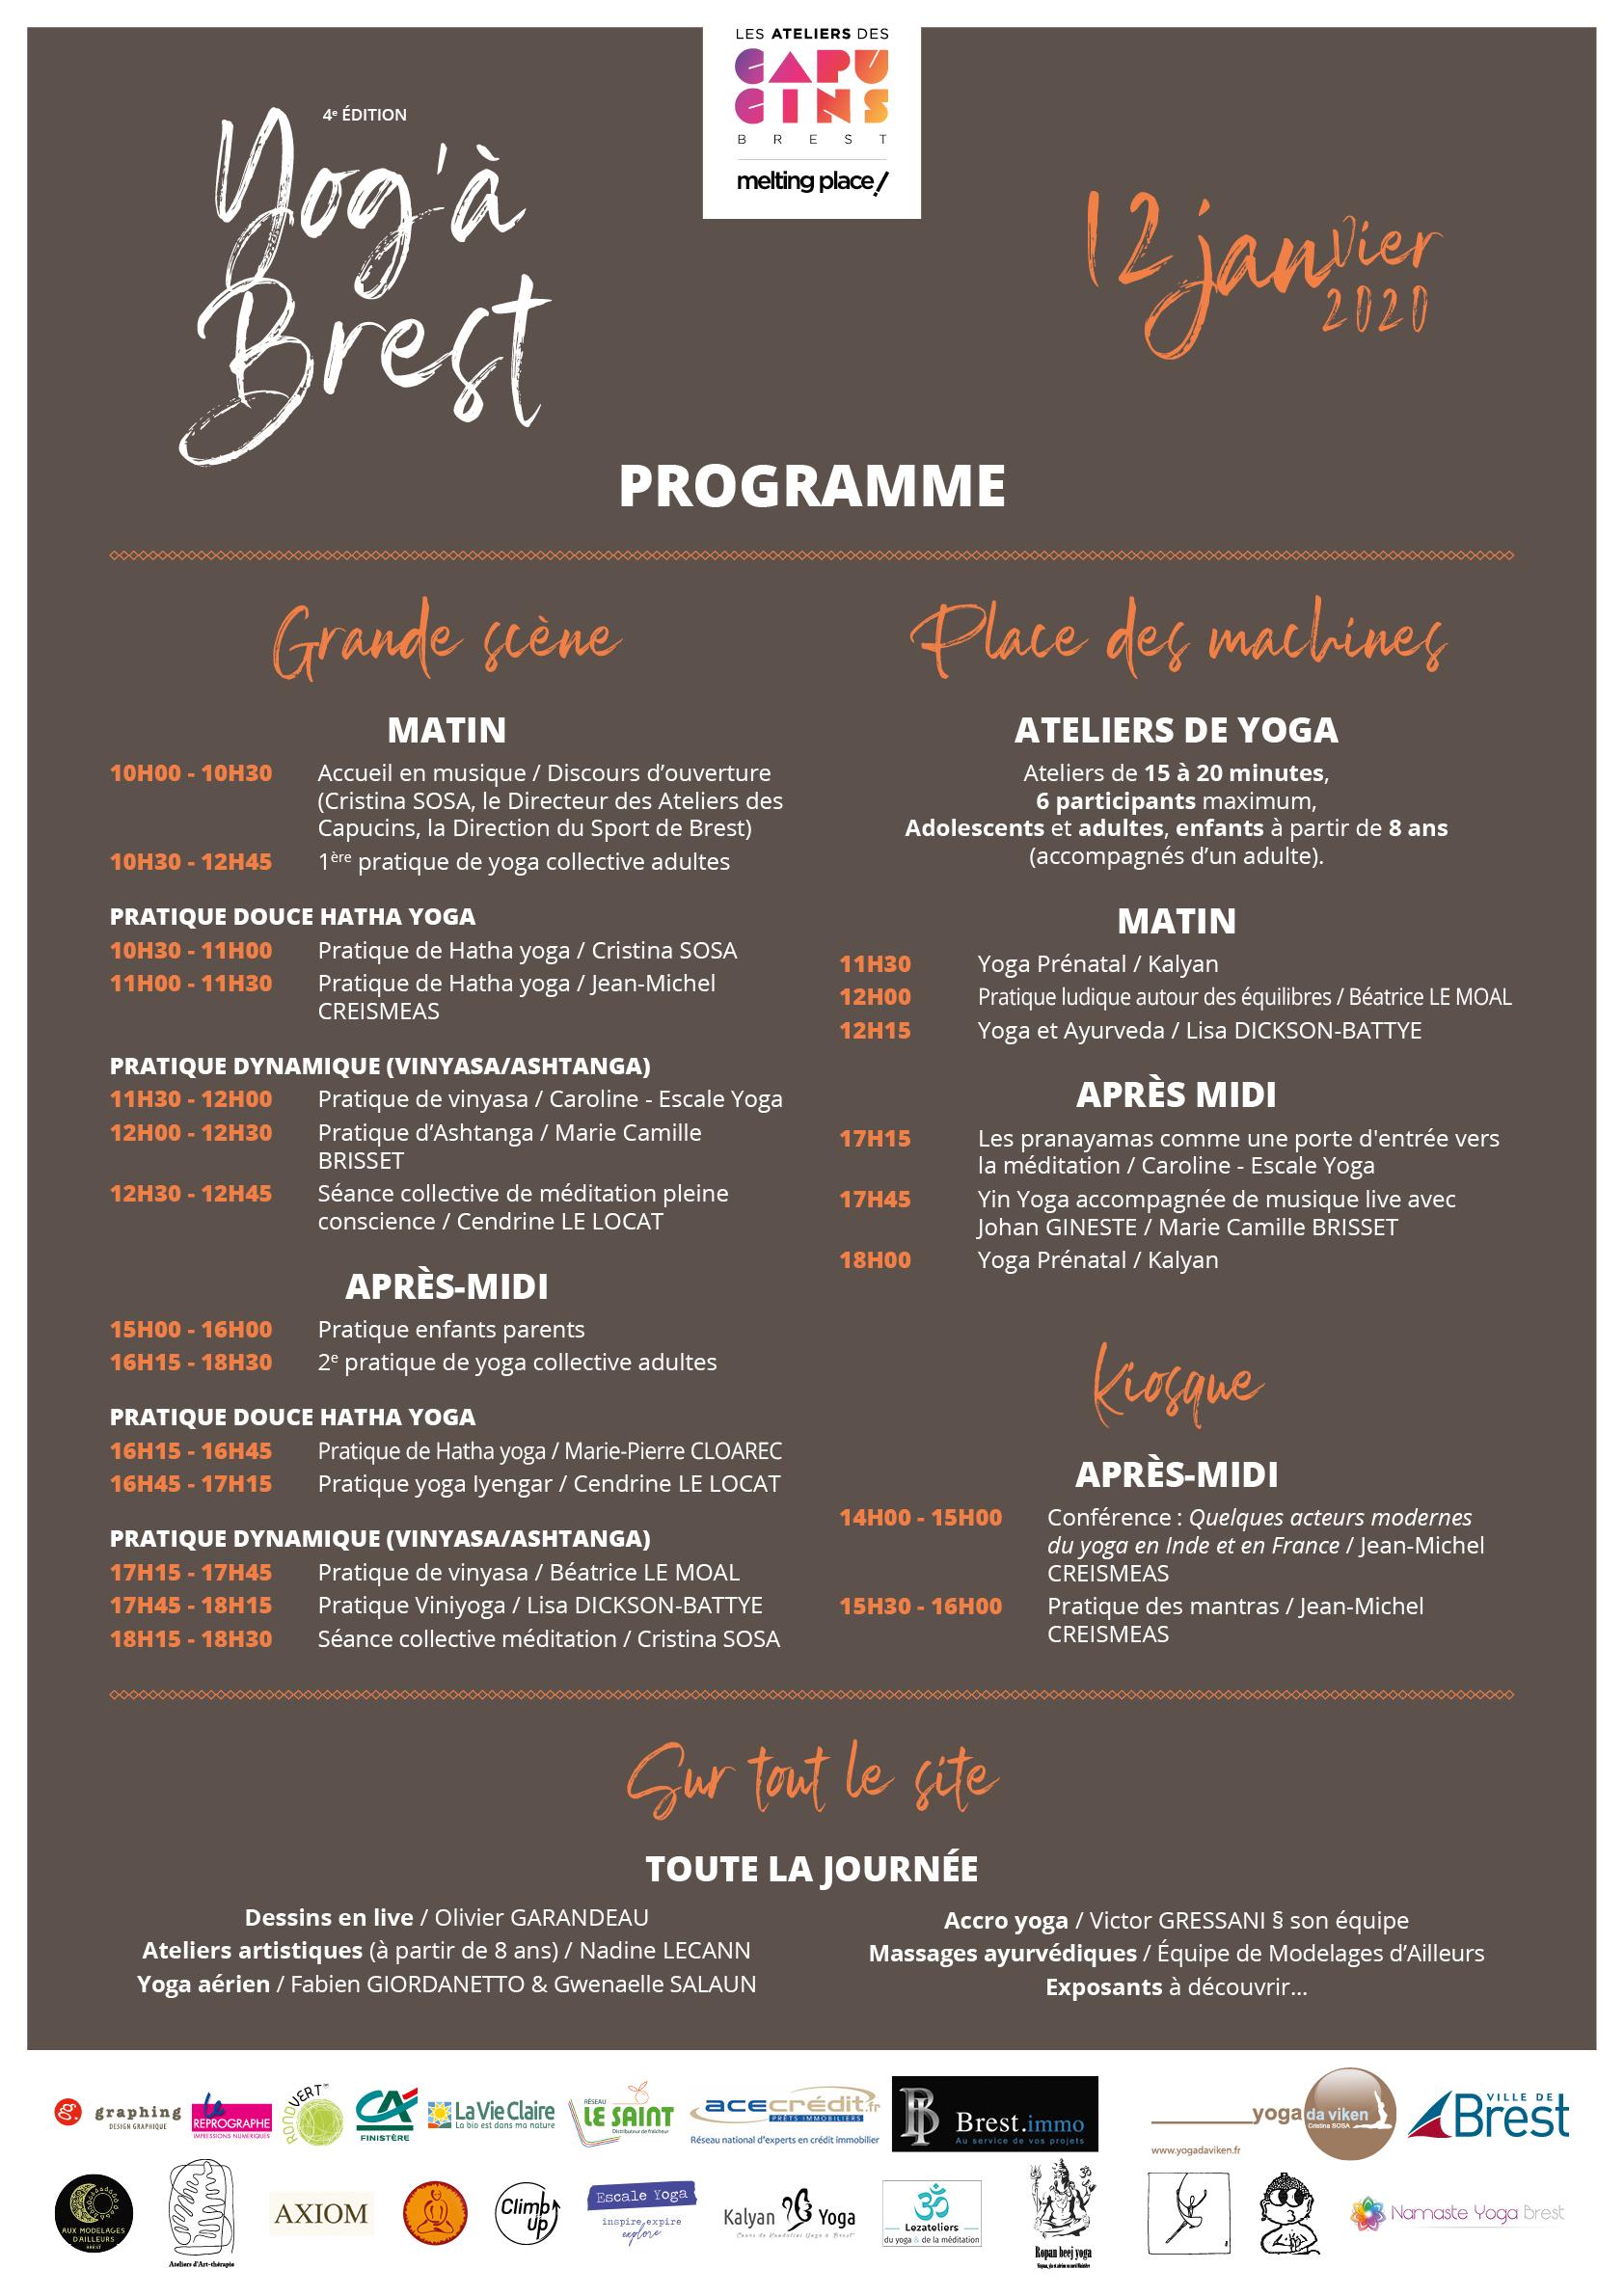 YDVK2020_yogabrest_12janvier_programme_partenaires_A3_rvb_ecran